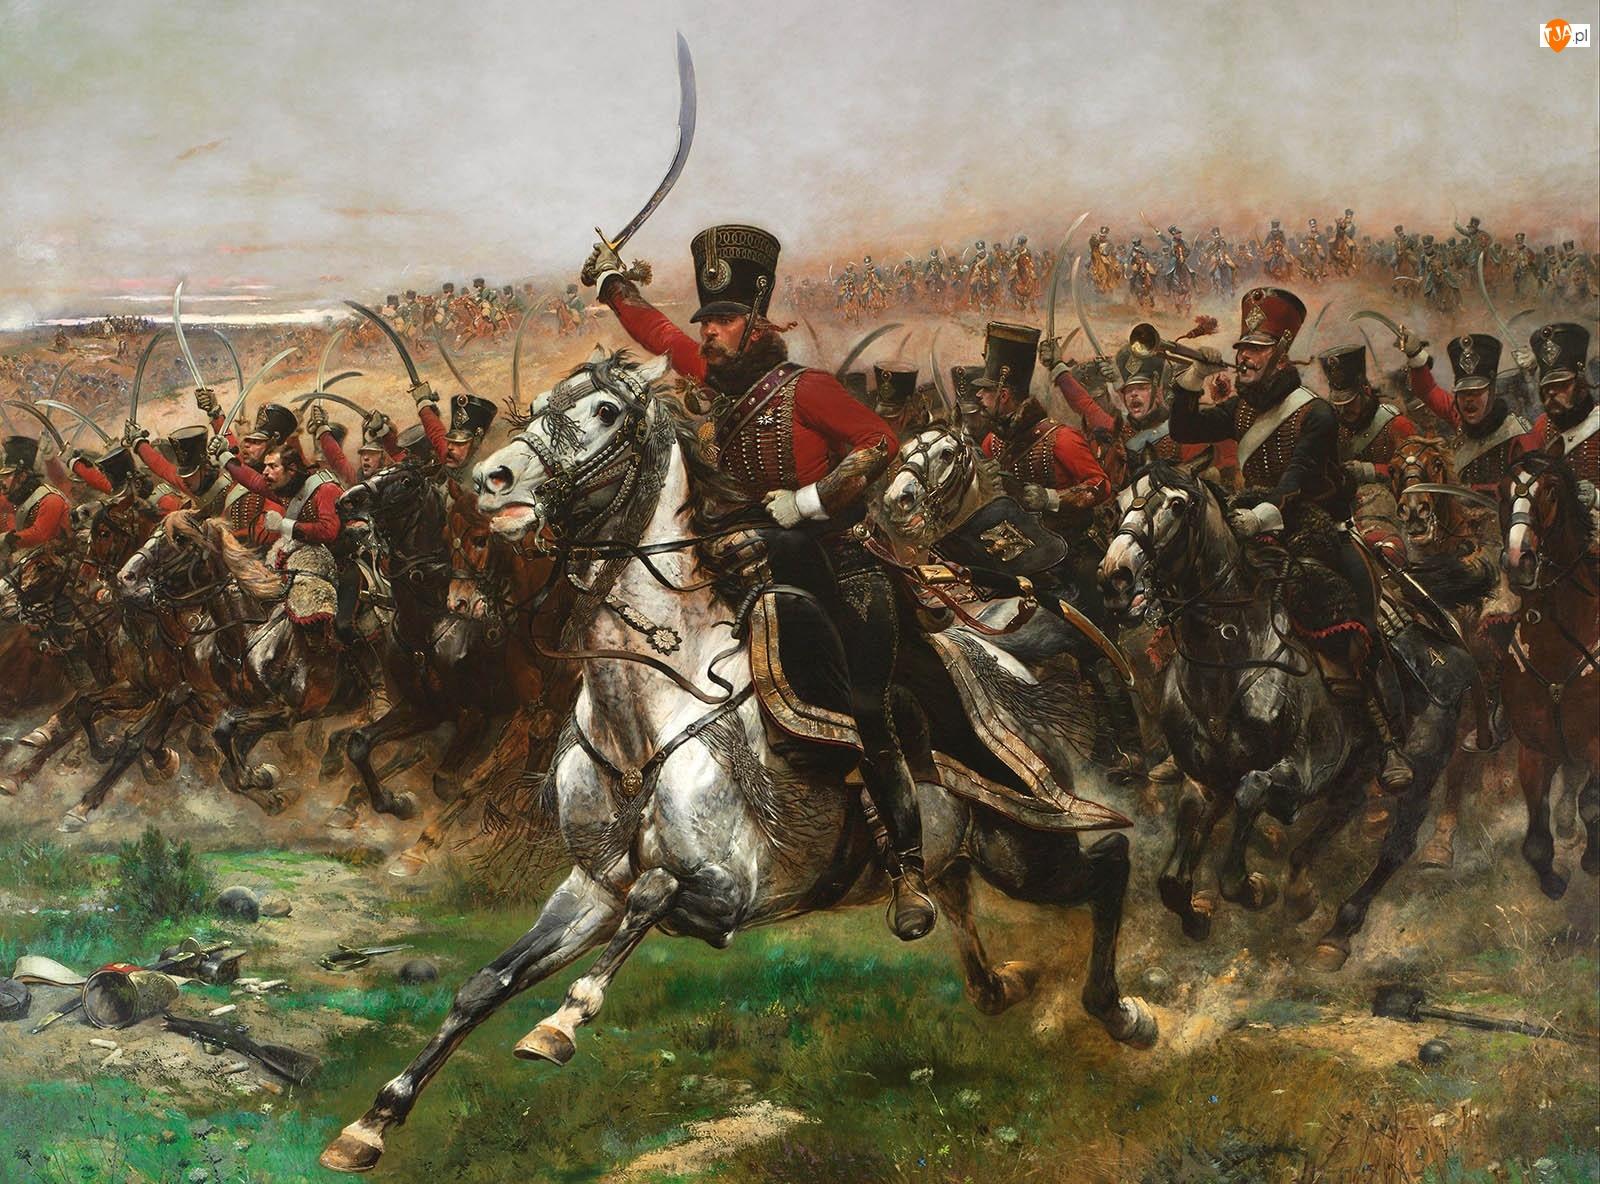 Konie, Malarstwo, Jean Baptiste Édouard Detaille, Obraz, Bitwa